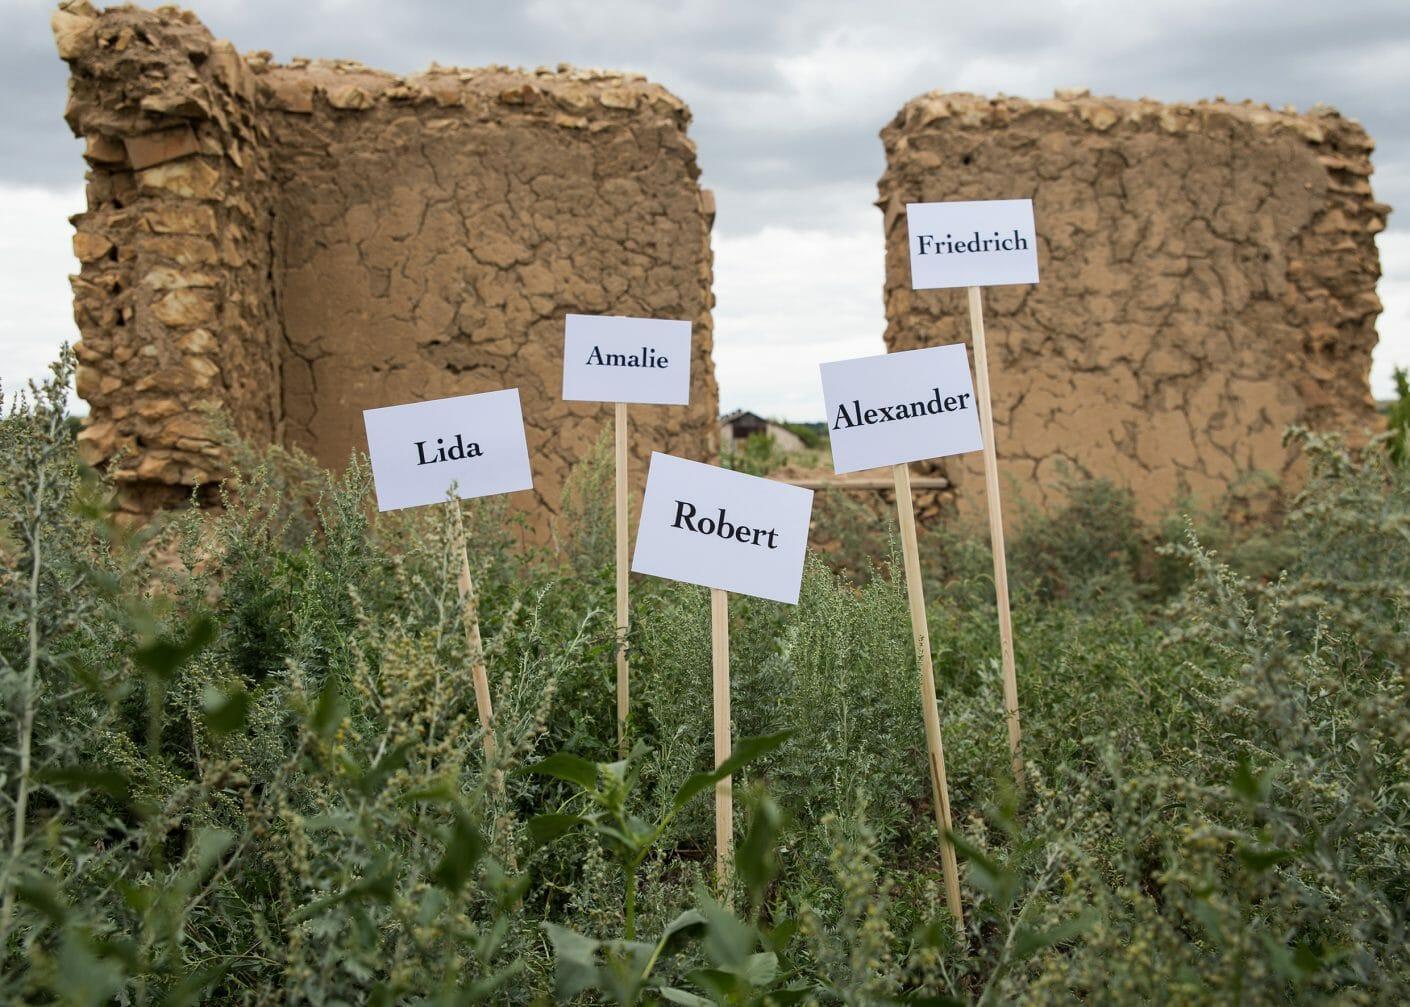 Au milieux de végétaux, 5 petits panneaux avec les prénoms : Lida, Amalie, Robert, Alexander, Friedrich